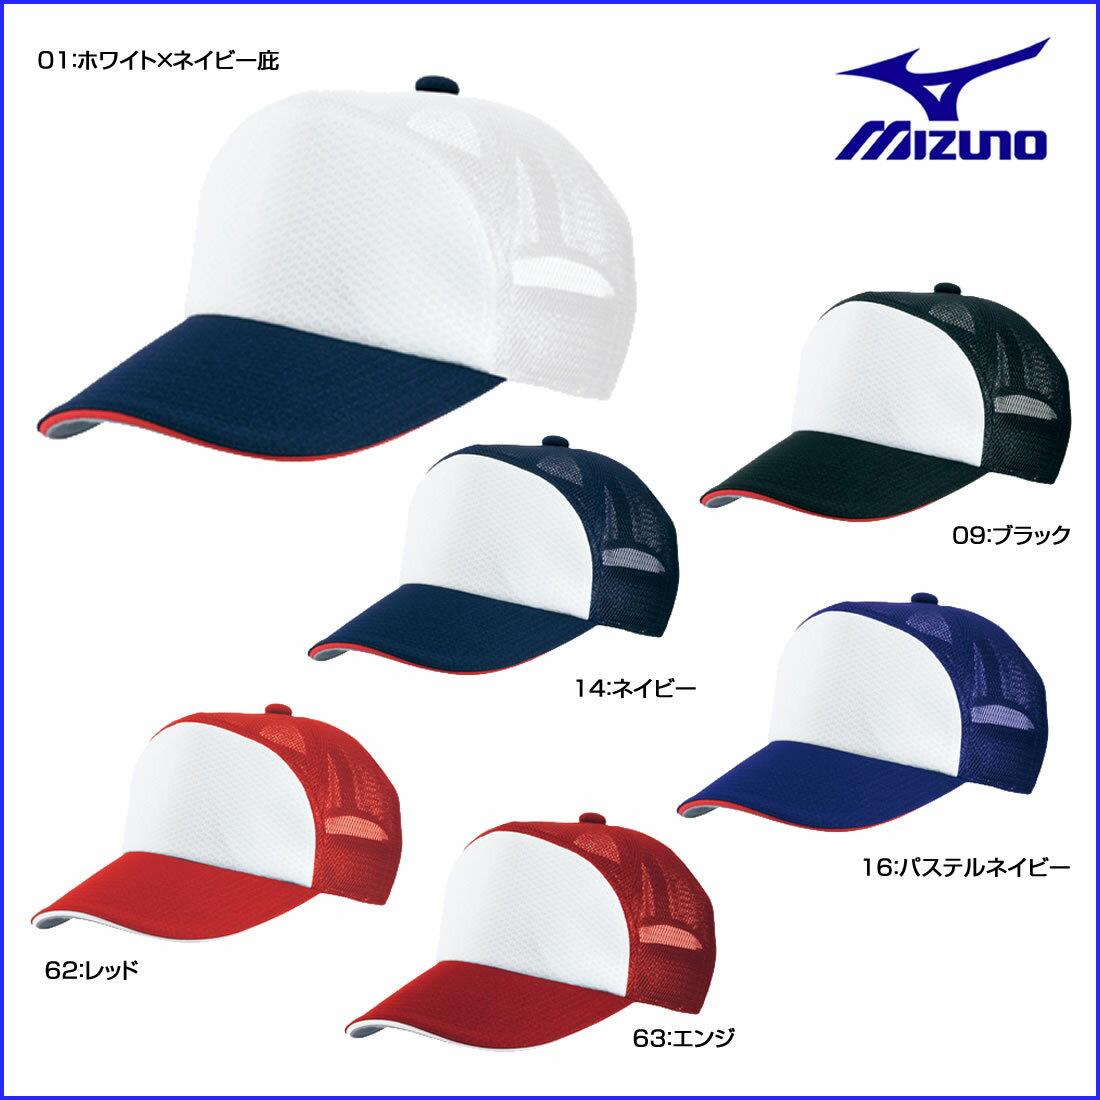 ミズノプラクティスキャップ野球キャップ帽子アジャスター式お取寄せ品52BA30116